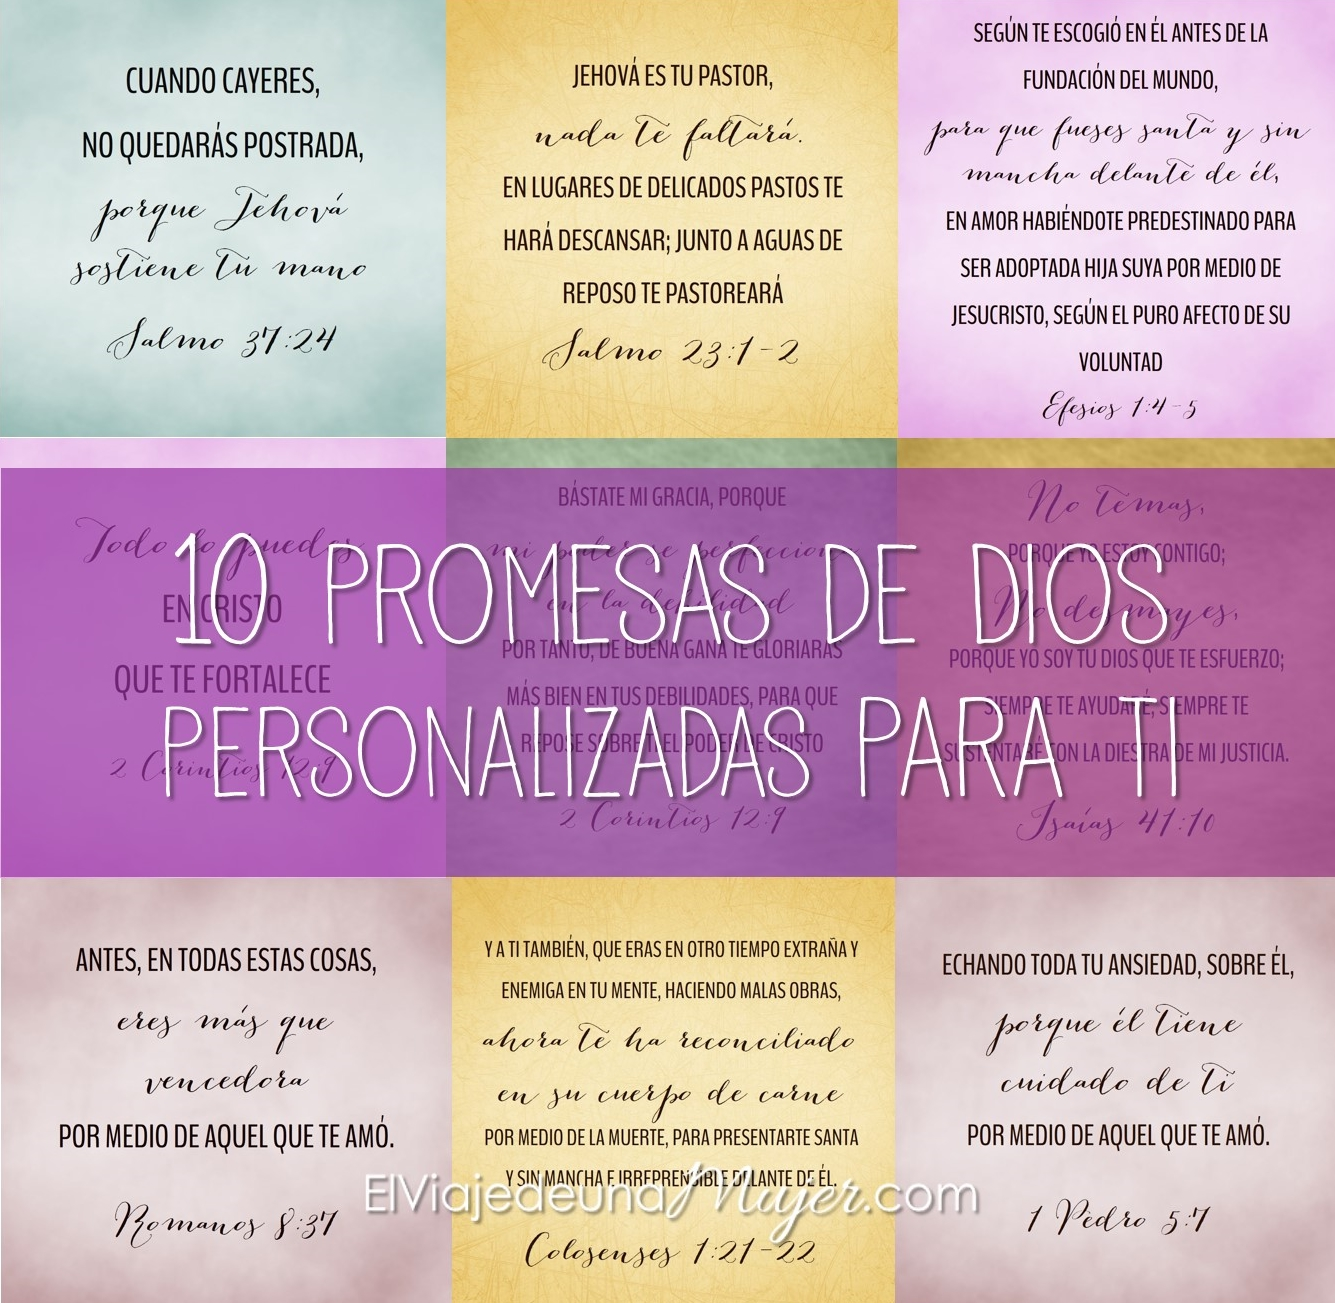 Versiculos Biblicos De Promesas De Dios: Imagenes Las Promesas De Dios Versiculos 10 Promesas De Dios